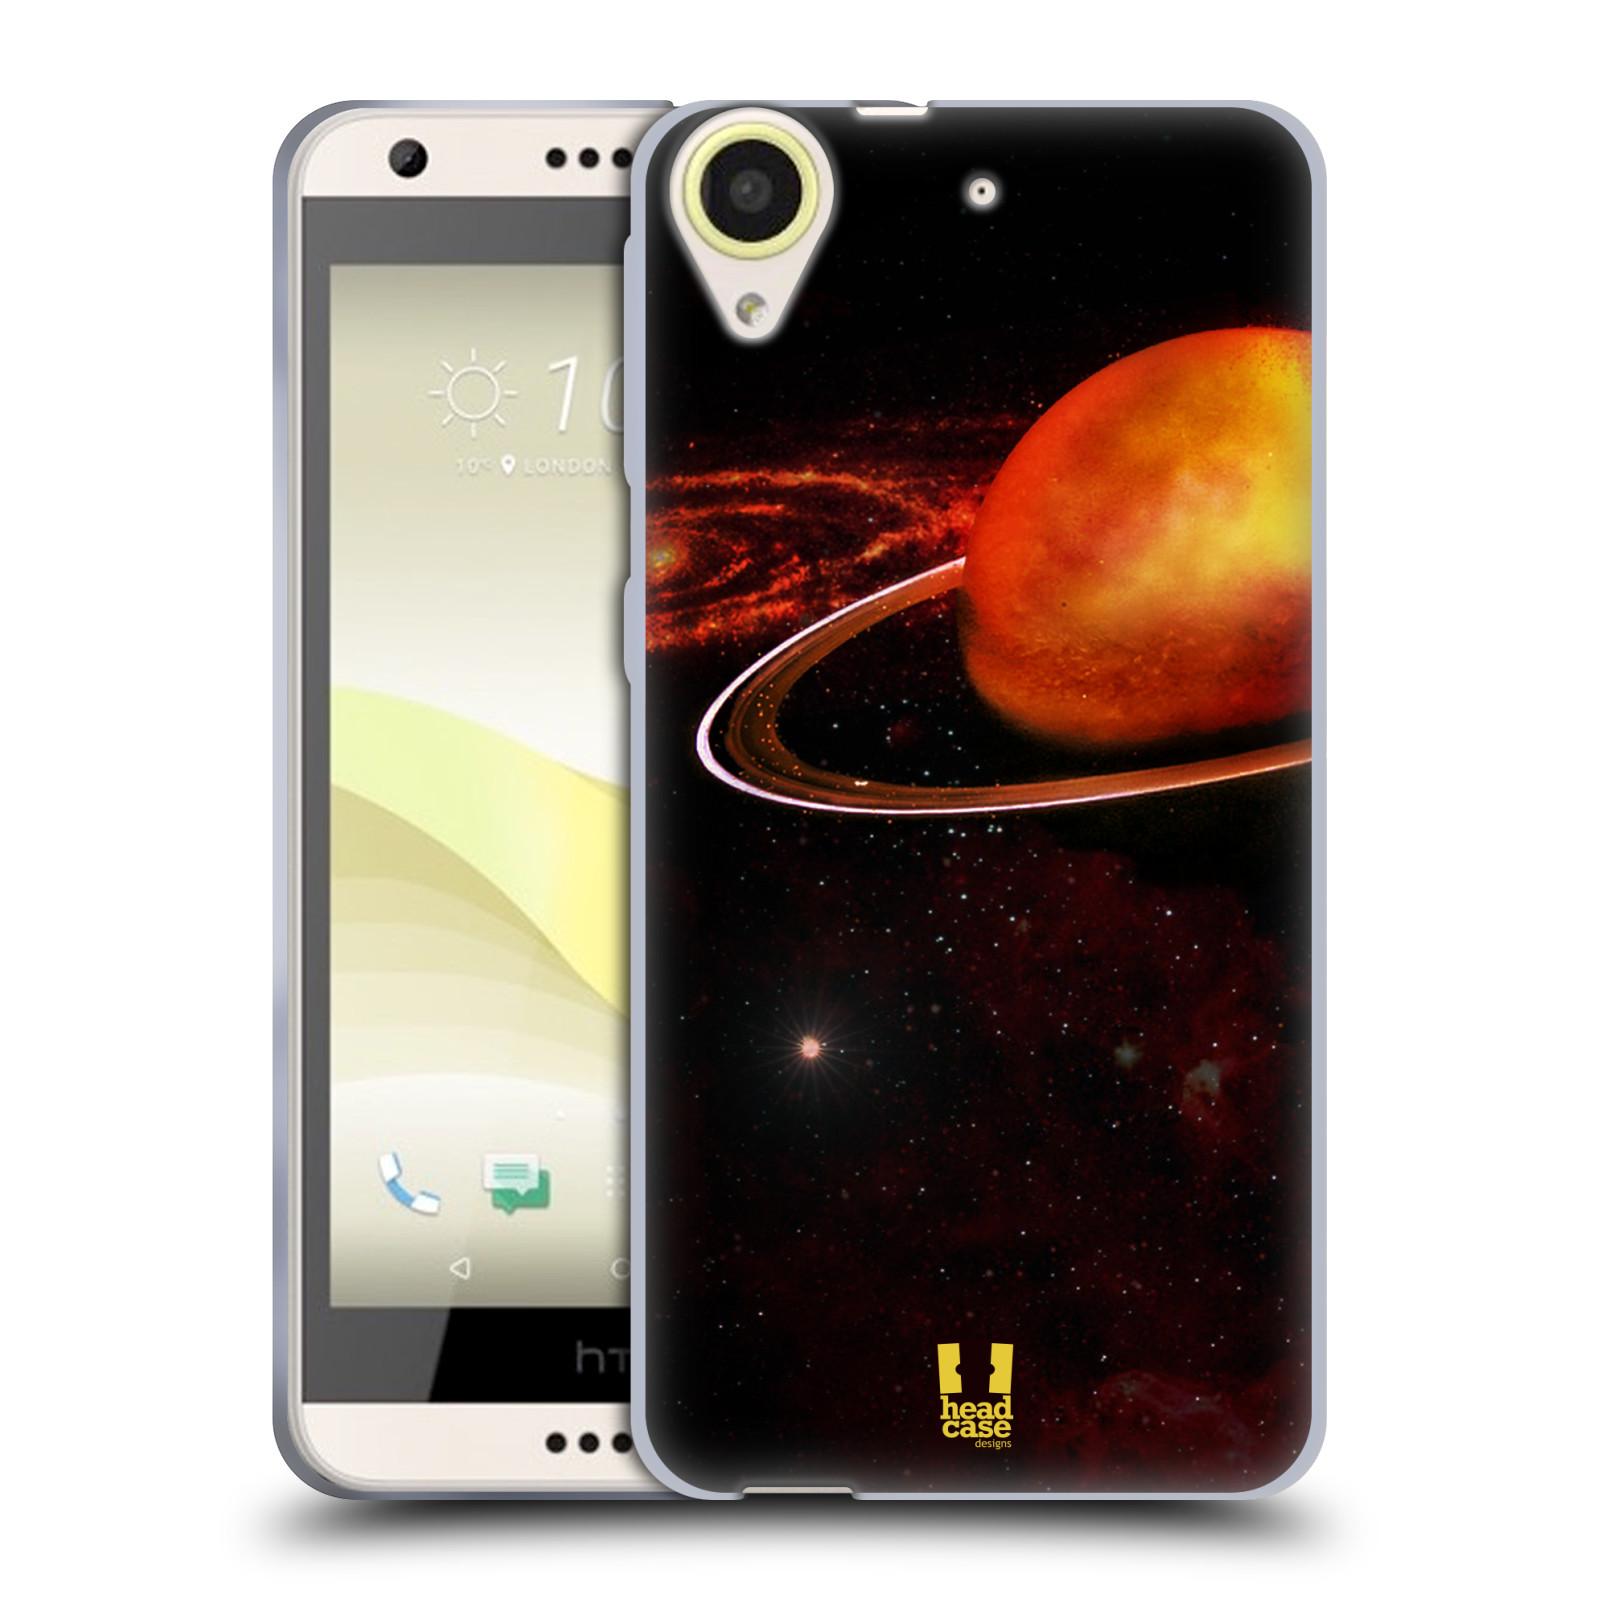 Silikonové pouzdro na mobil HTC Desire 650 HEAD CASE URAN (Silikonový kryt či obal na mobilní telefon HTC Desire 650)